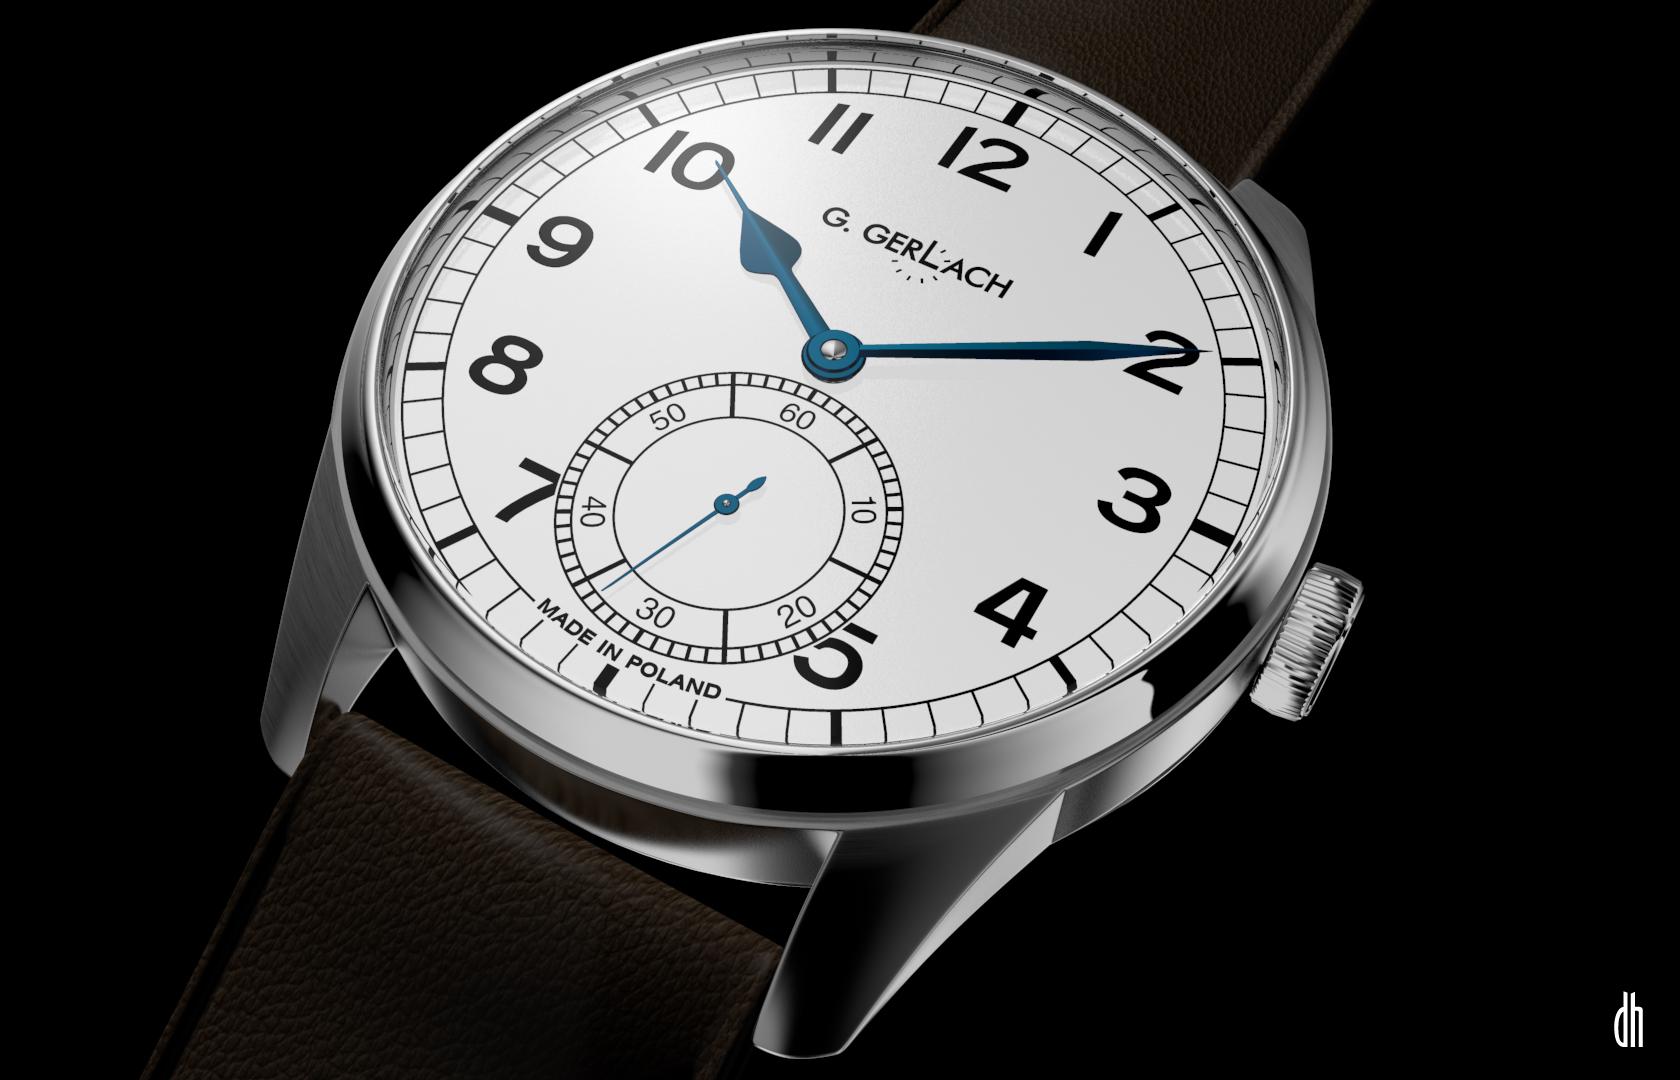 G. Gerlach: la montre polonaise! - Page 2 Batory1